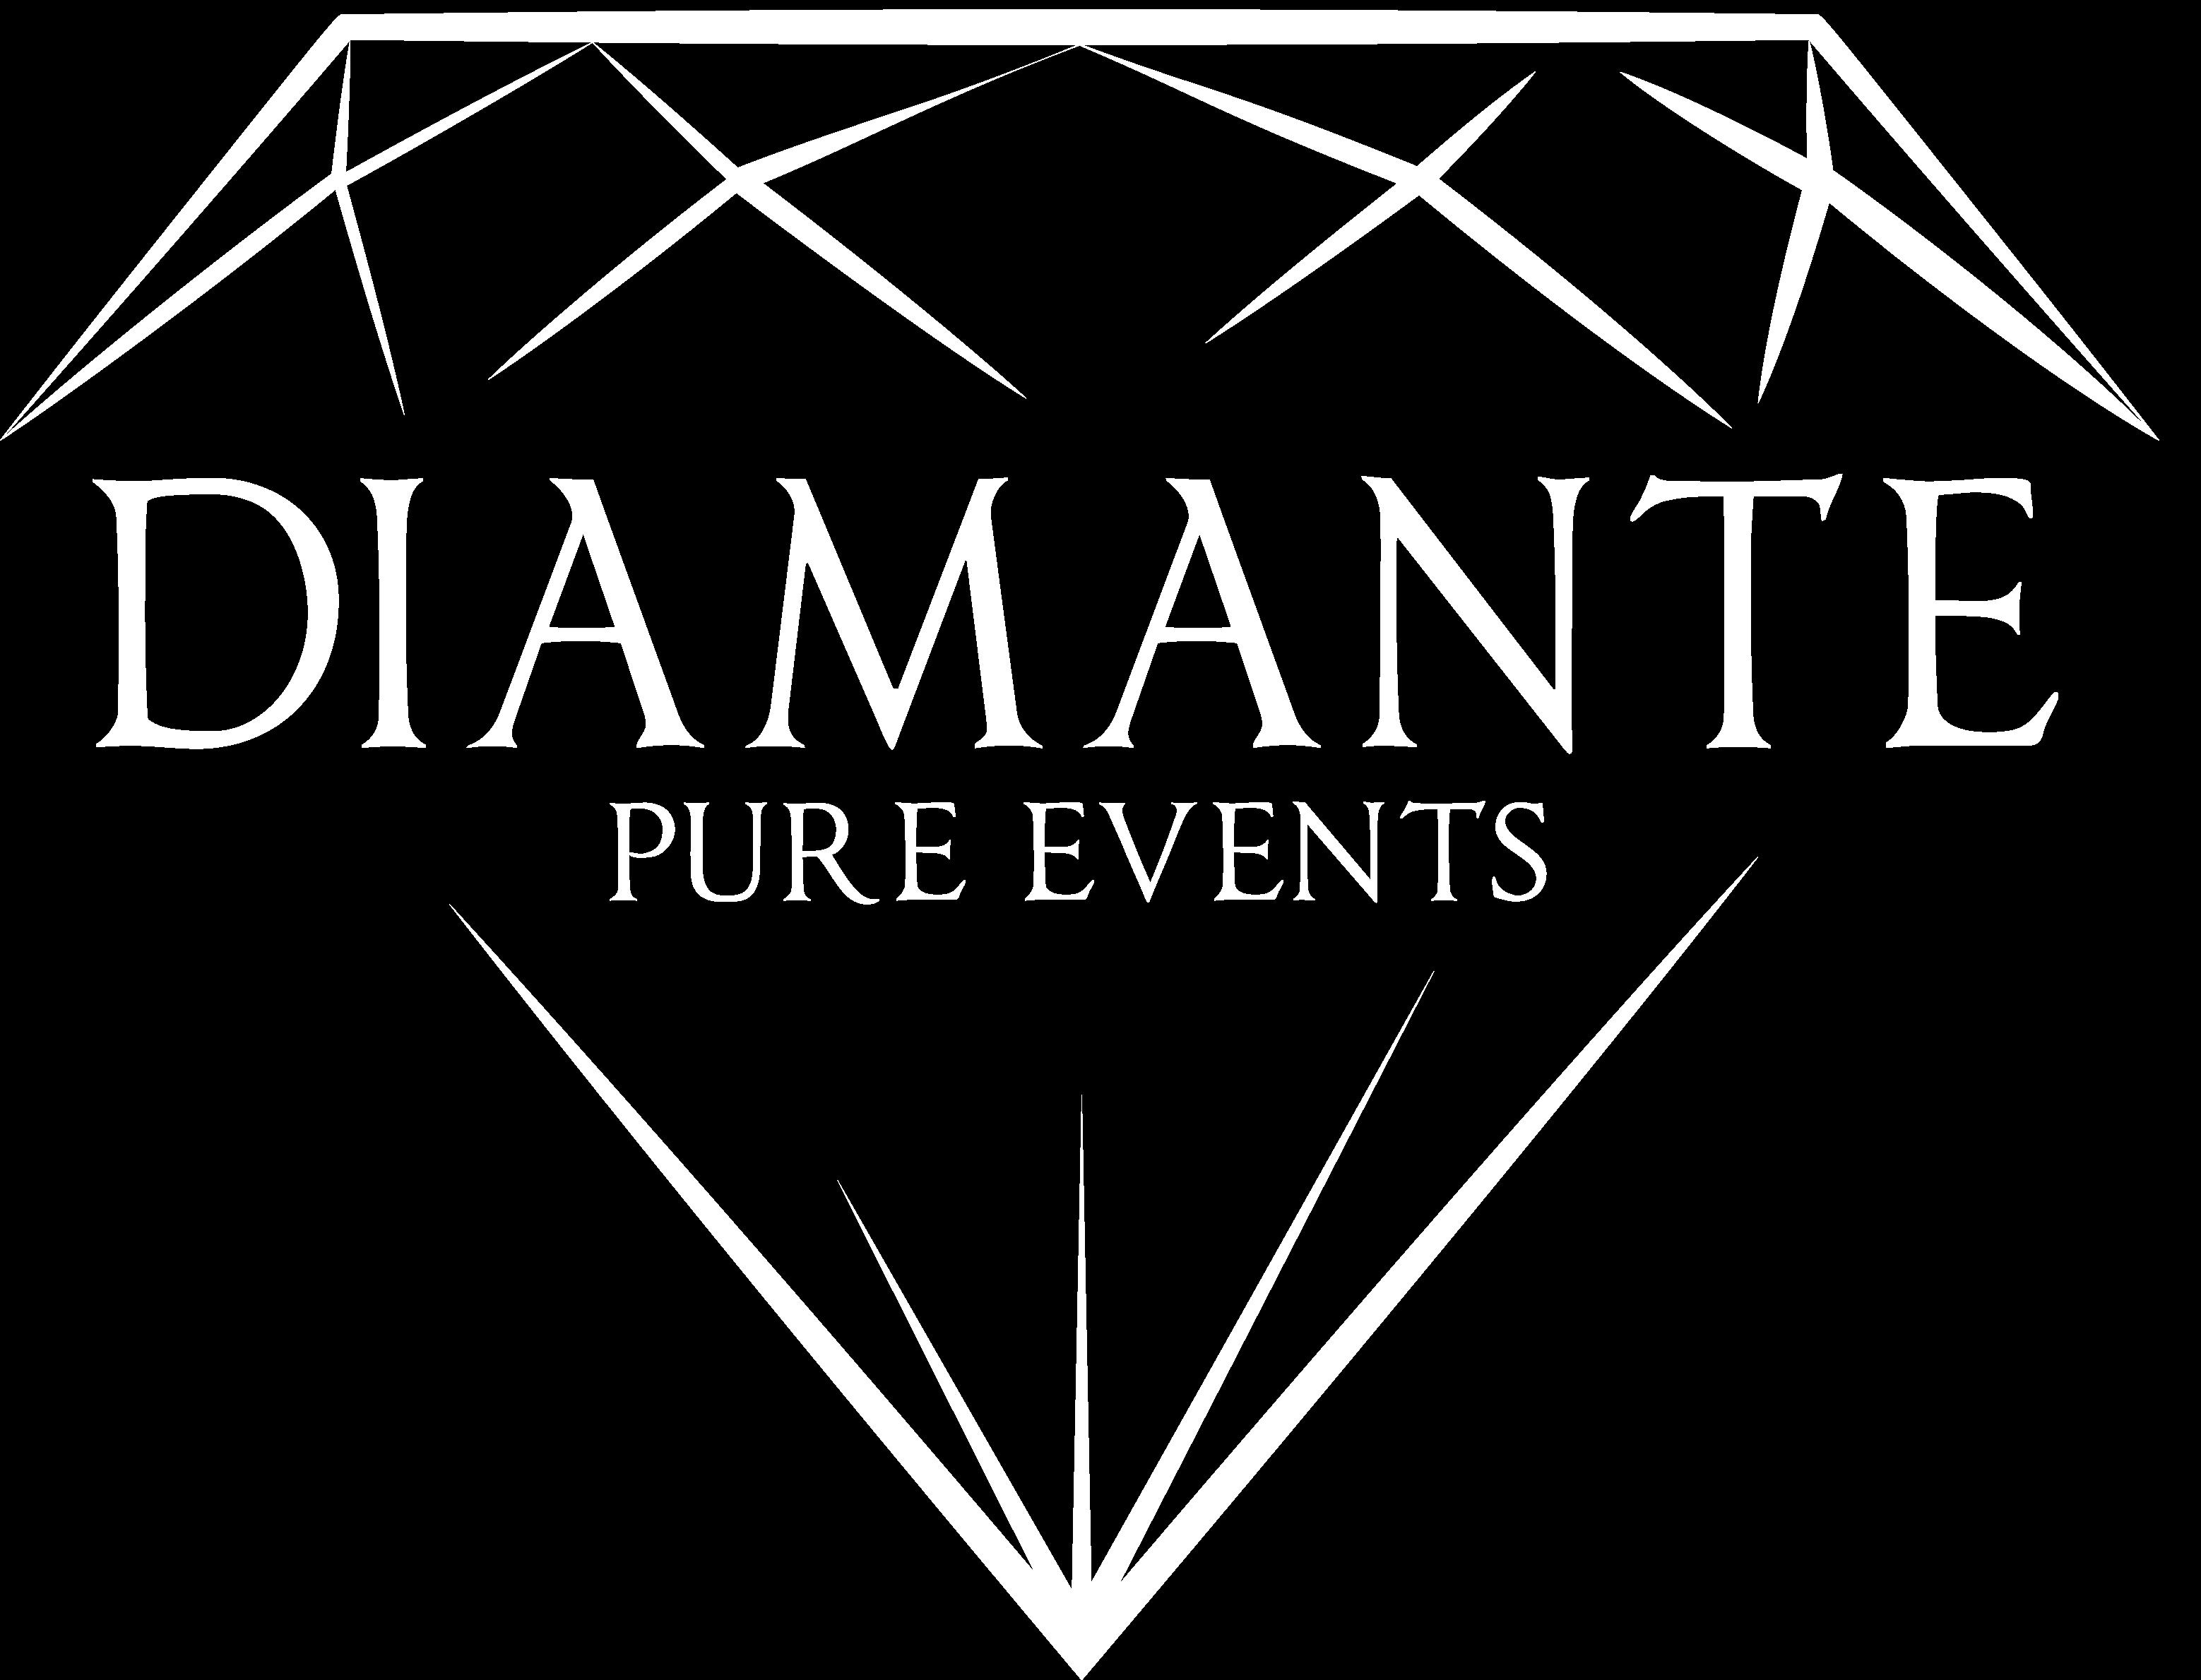 Diamante Pure Events